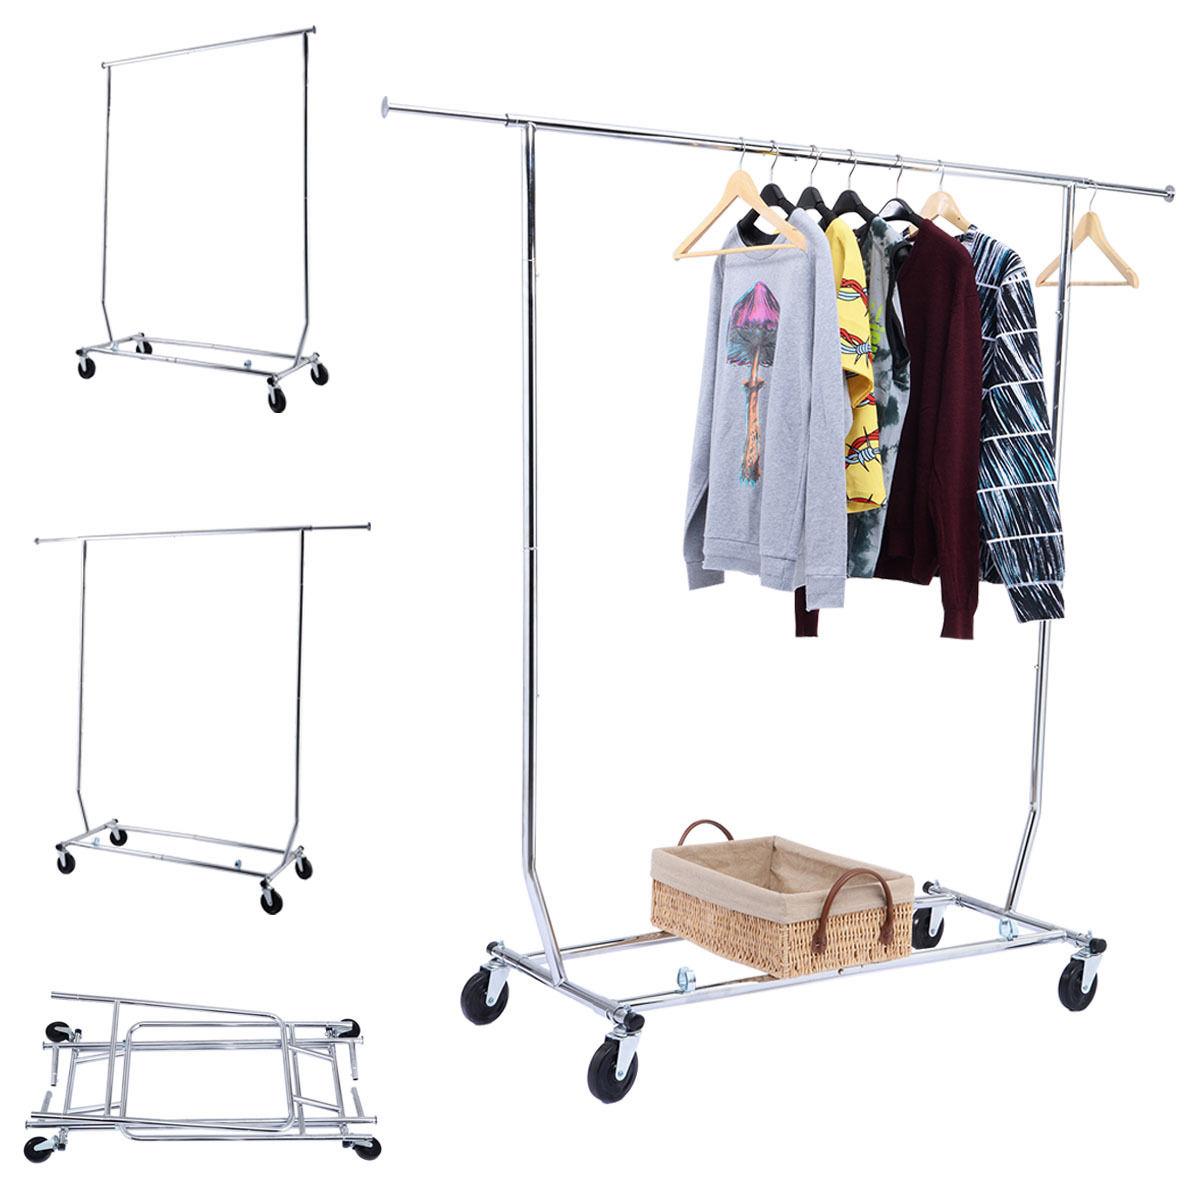 Goplus Heavy Duty Commercial Grade Clothing Garment Hanger